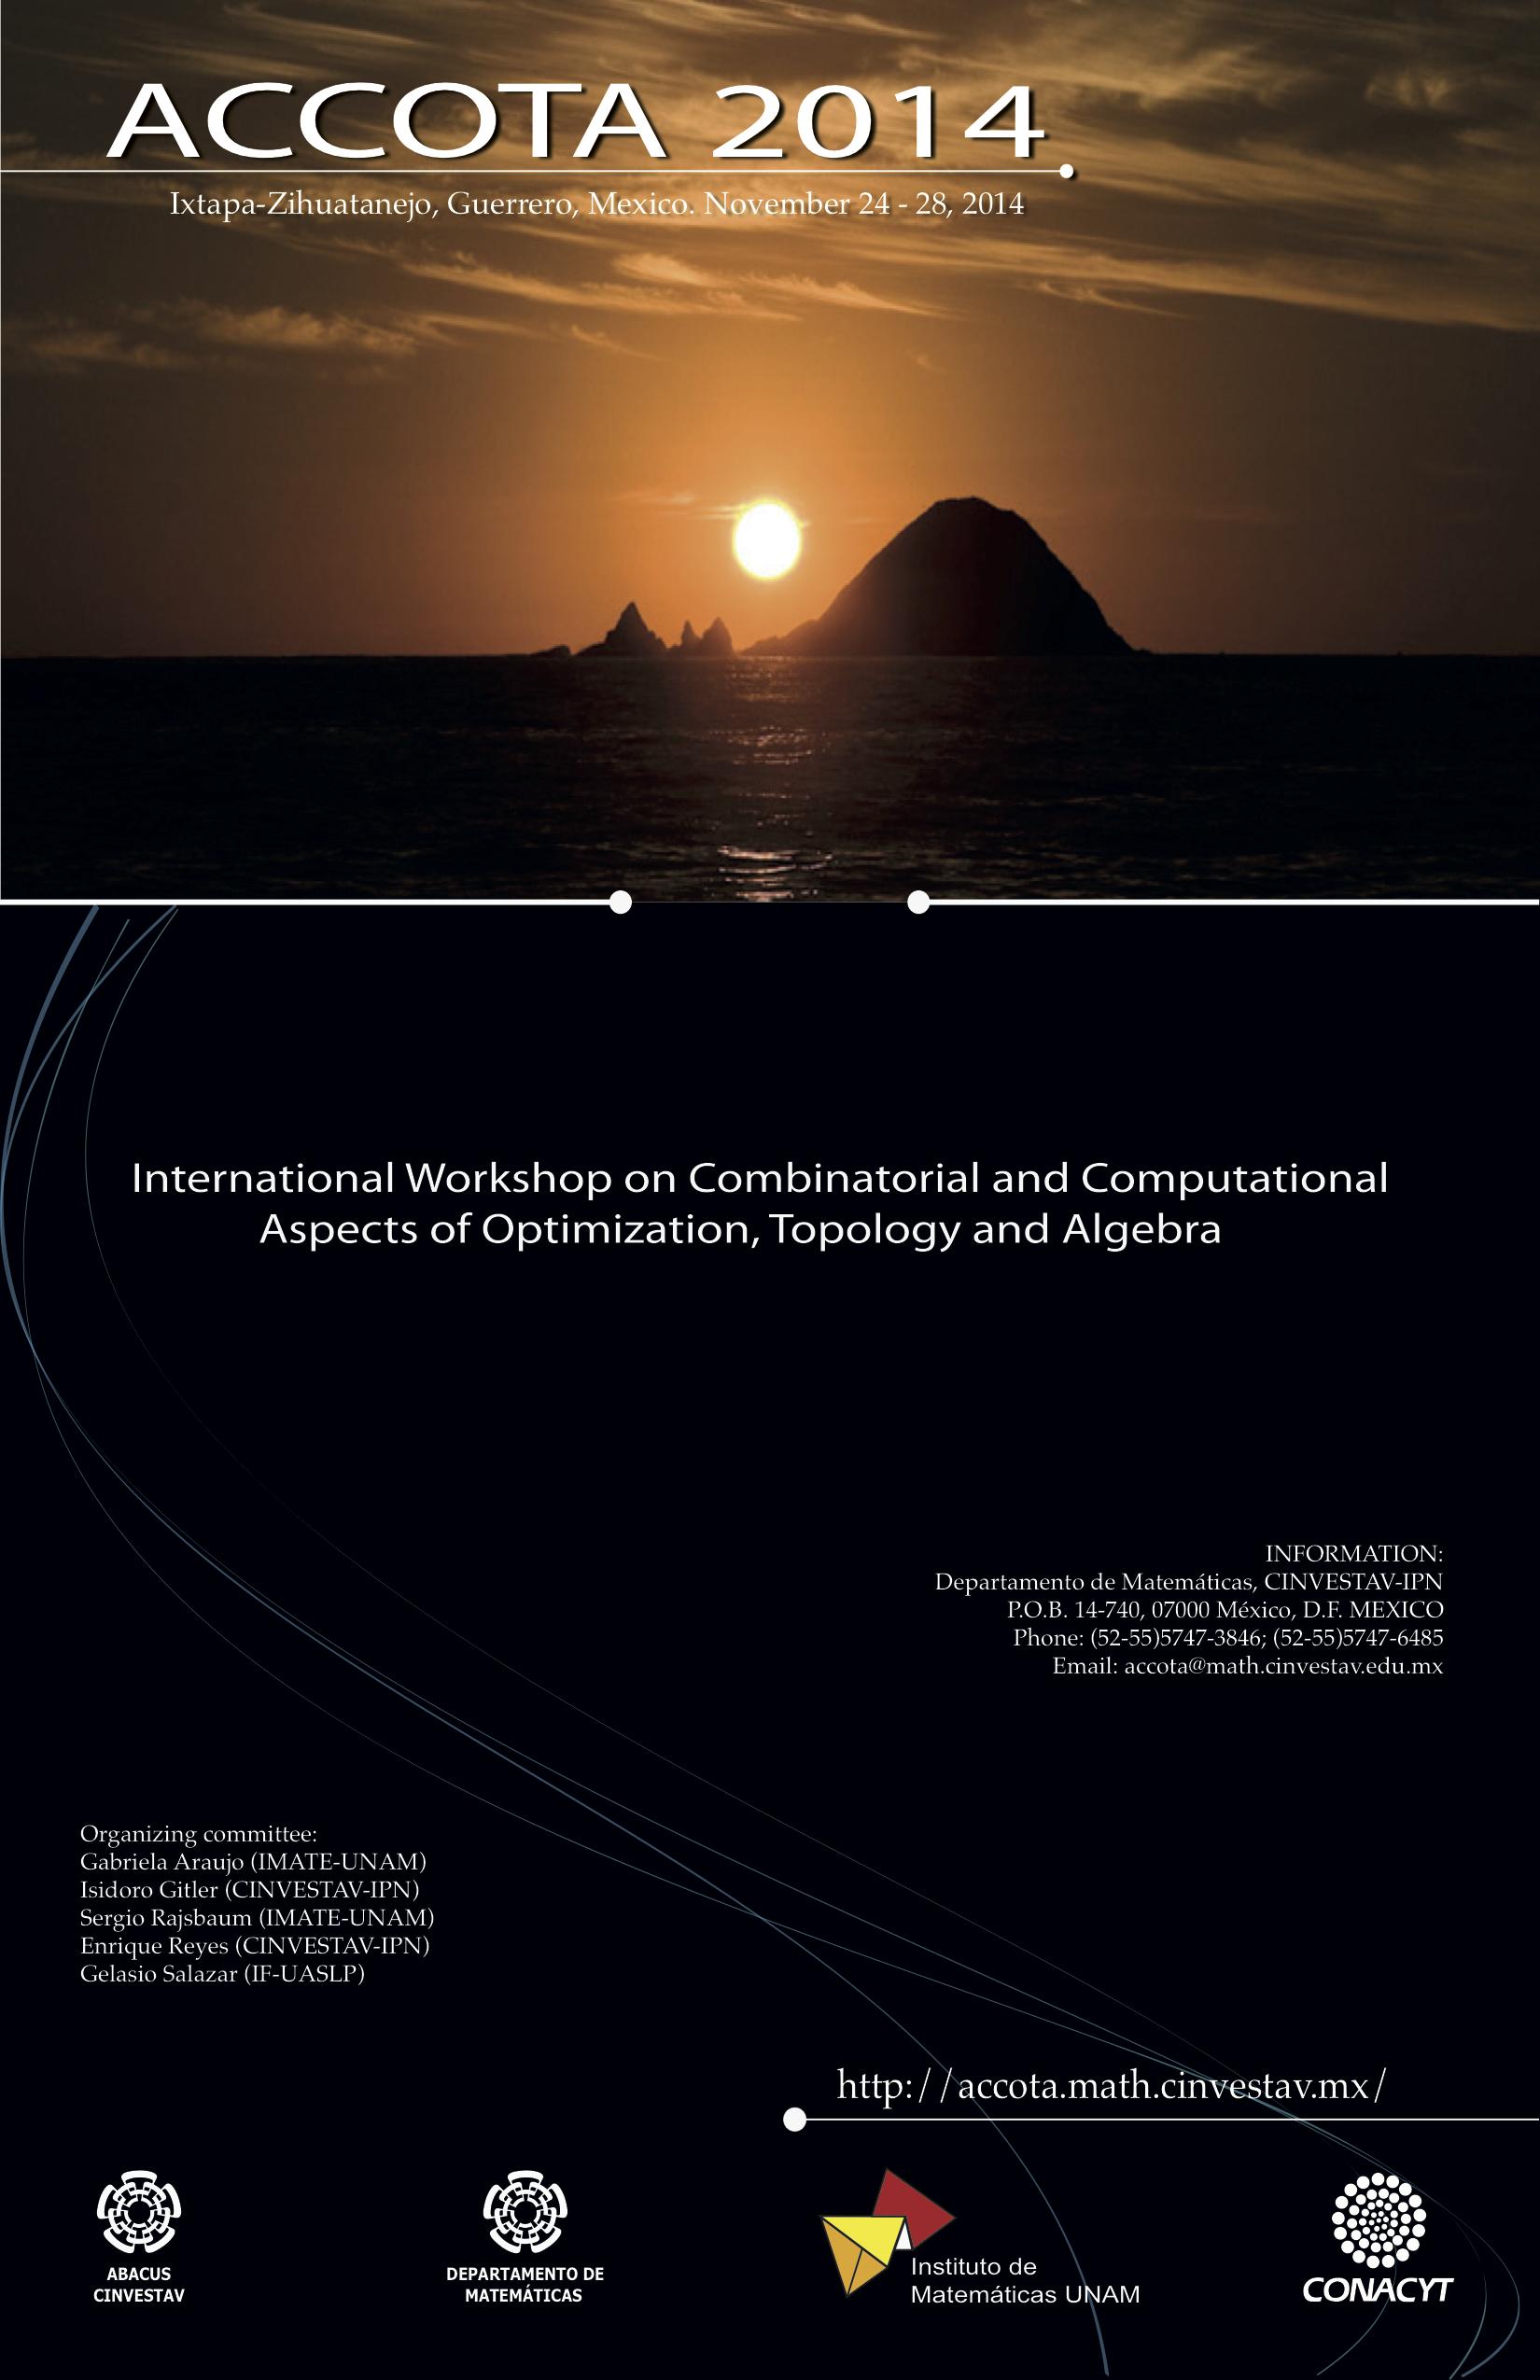 Aspectos Combinatorios y Computacionales de Optimización, Topología y Algebra